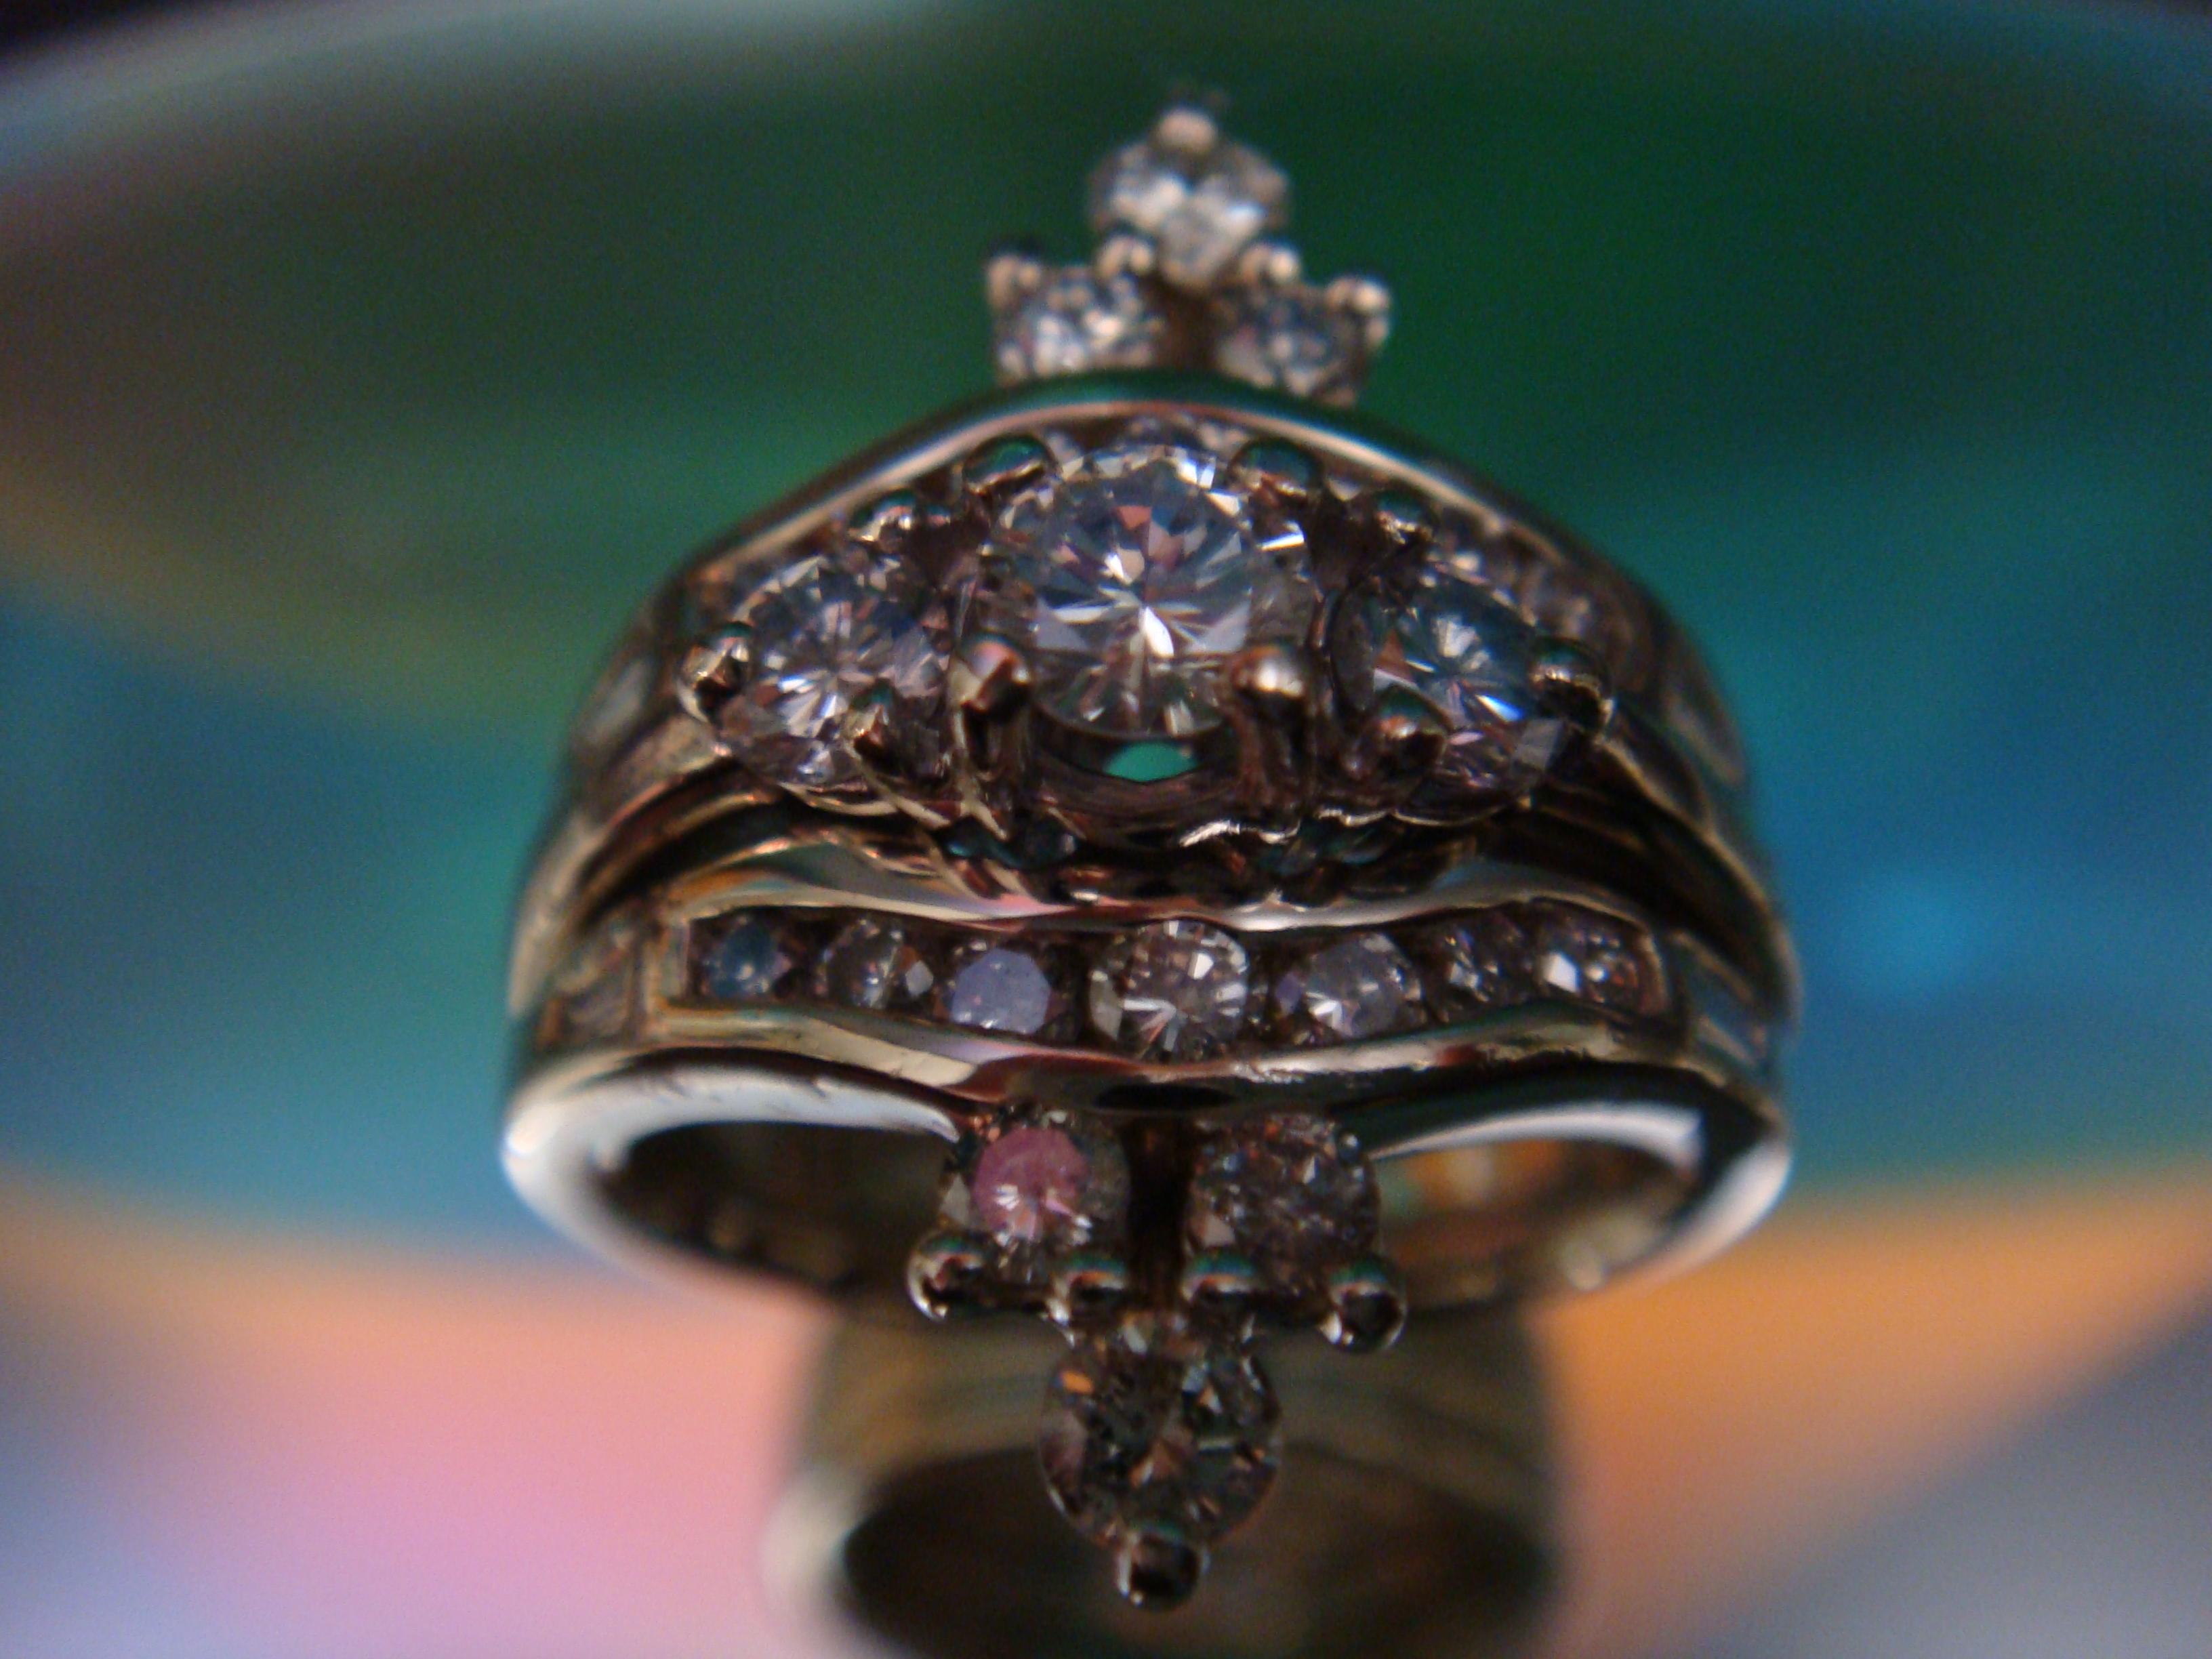 Suzi's wedding ring